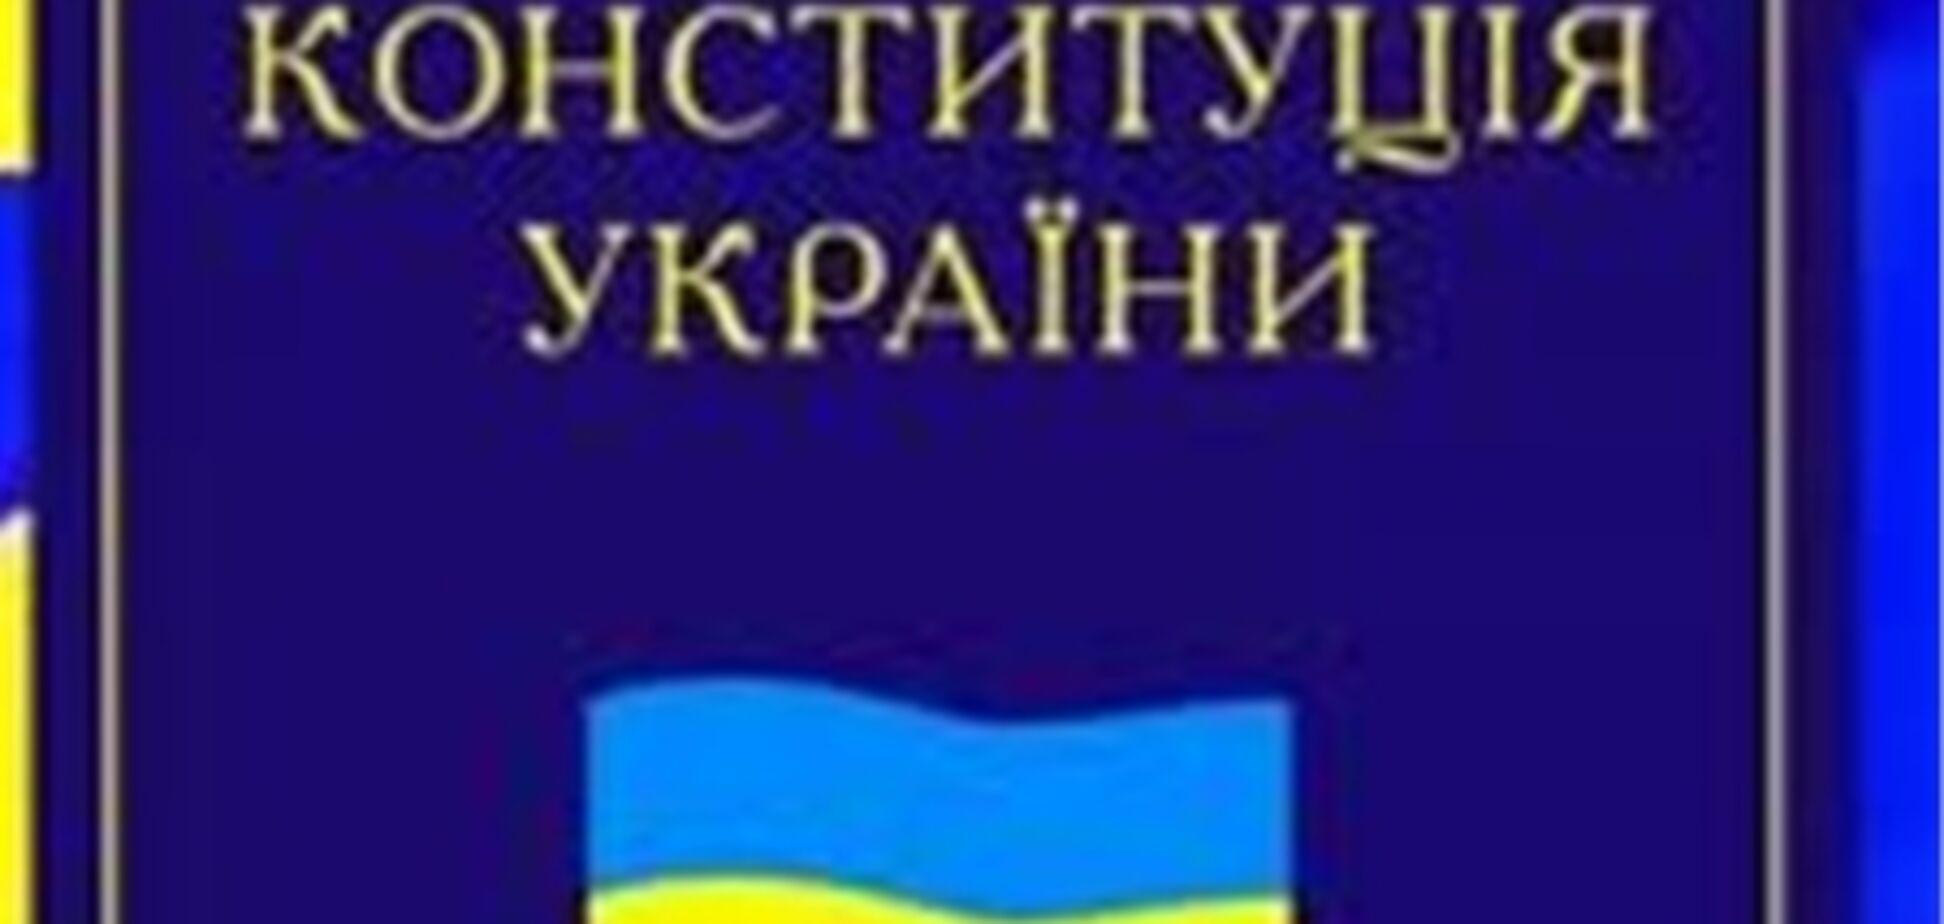 Венеціанська комісія стурбована українським законом про референдум